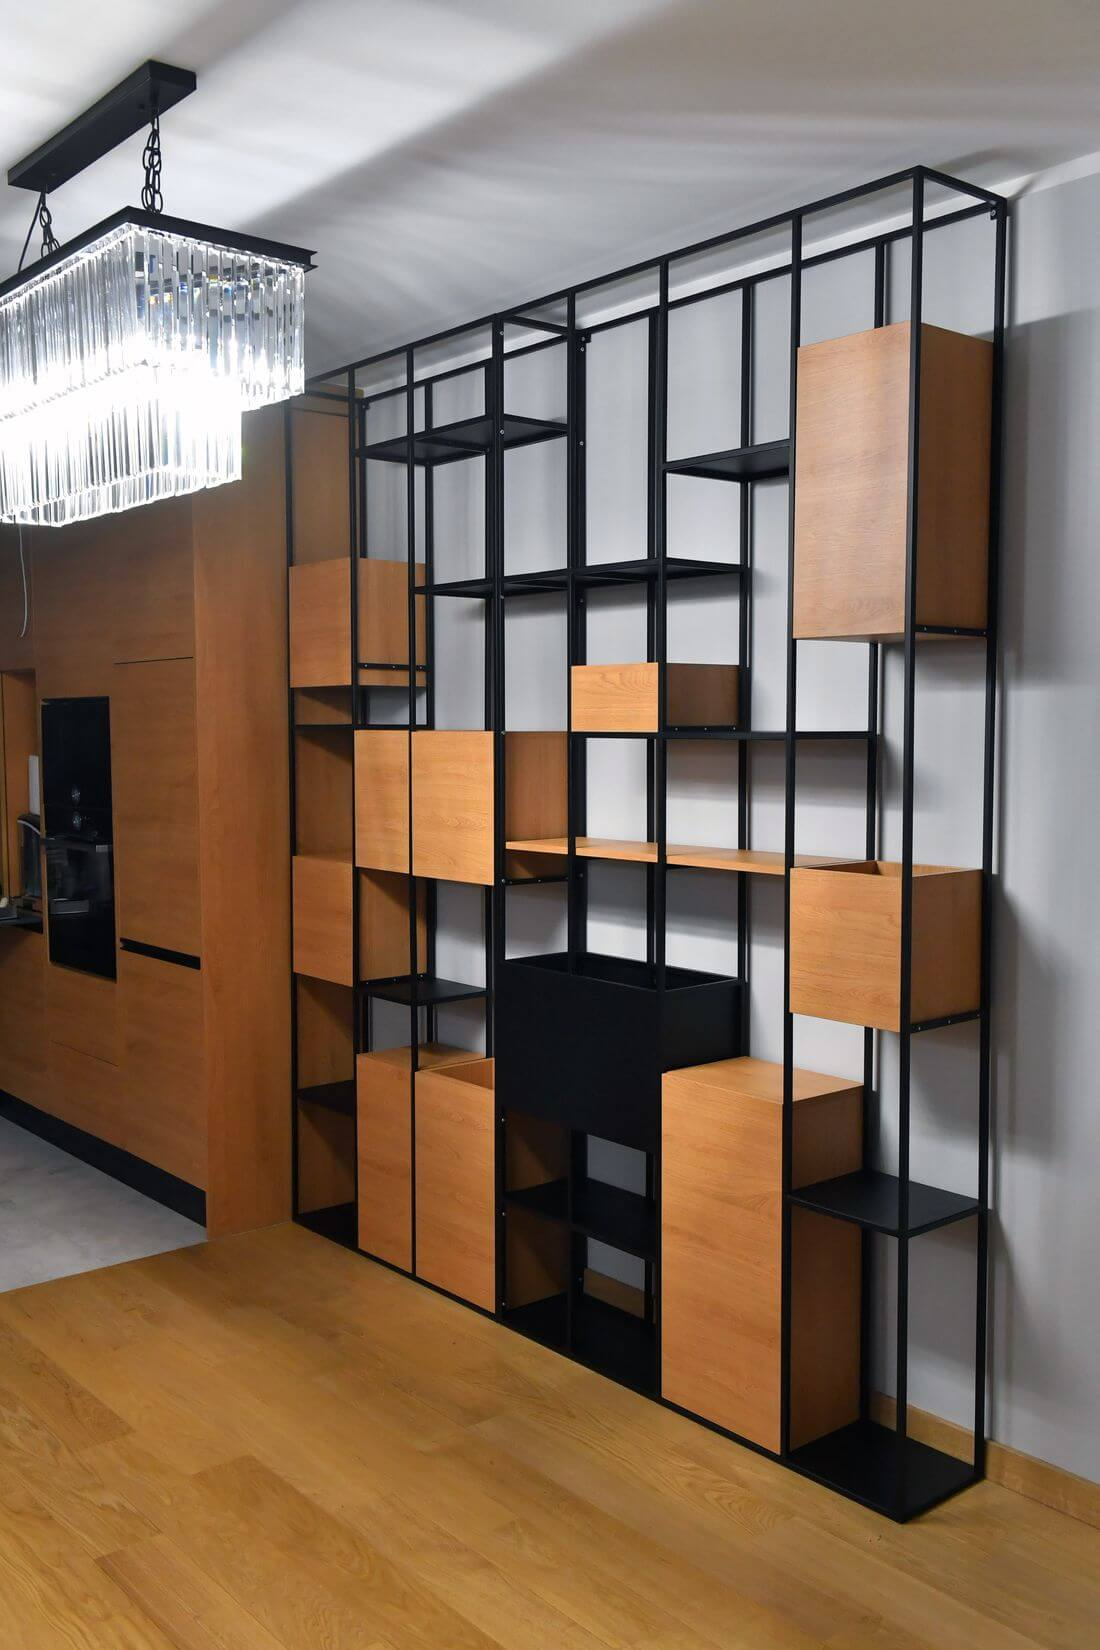 Regał Loft Industrialny R2 ze stali konstrukcyjnej, drewna, pomalowany na czarno stojący przy białej ścianie